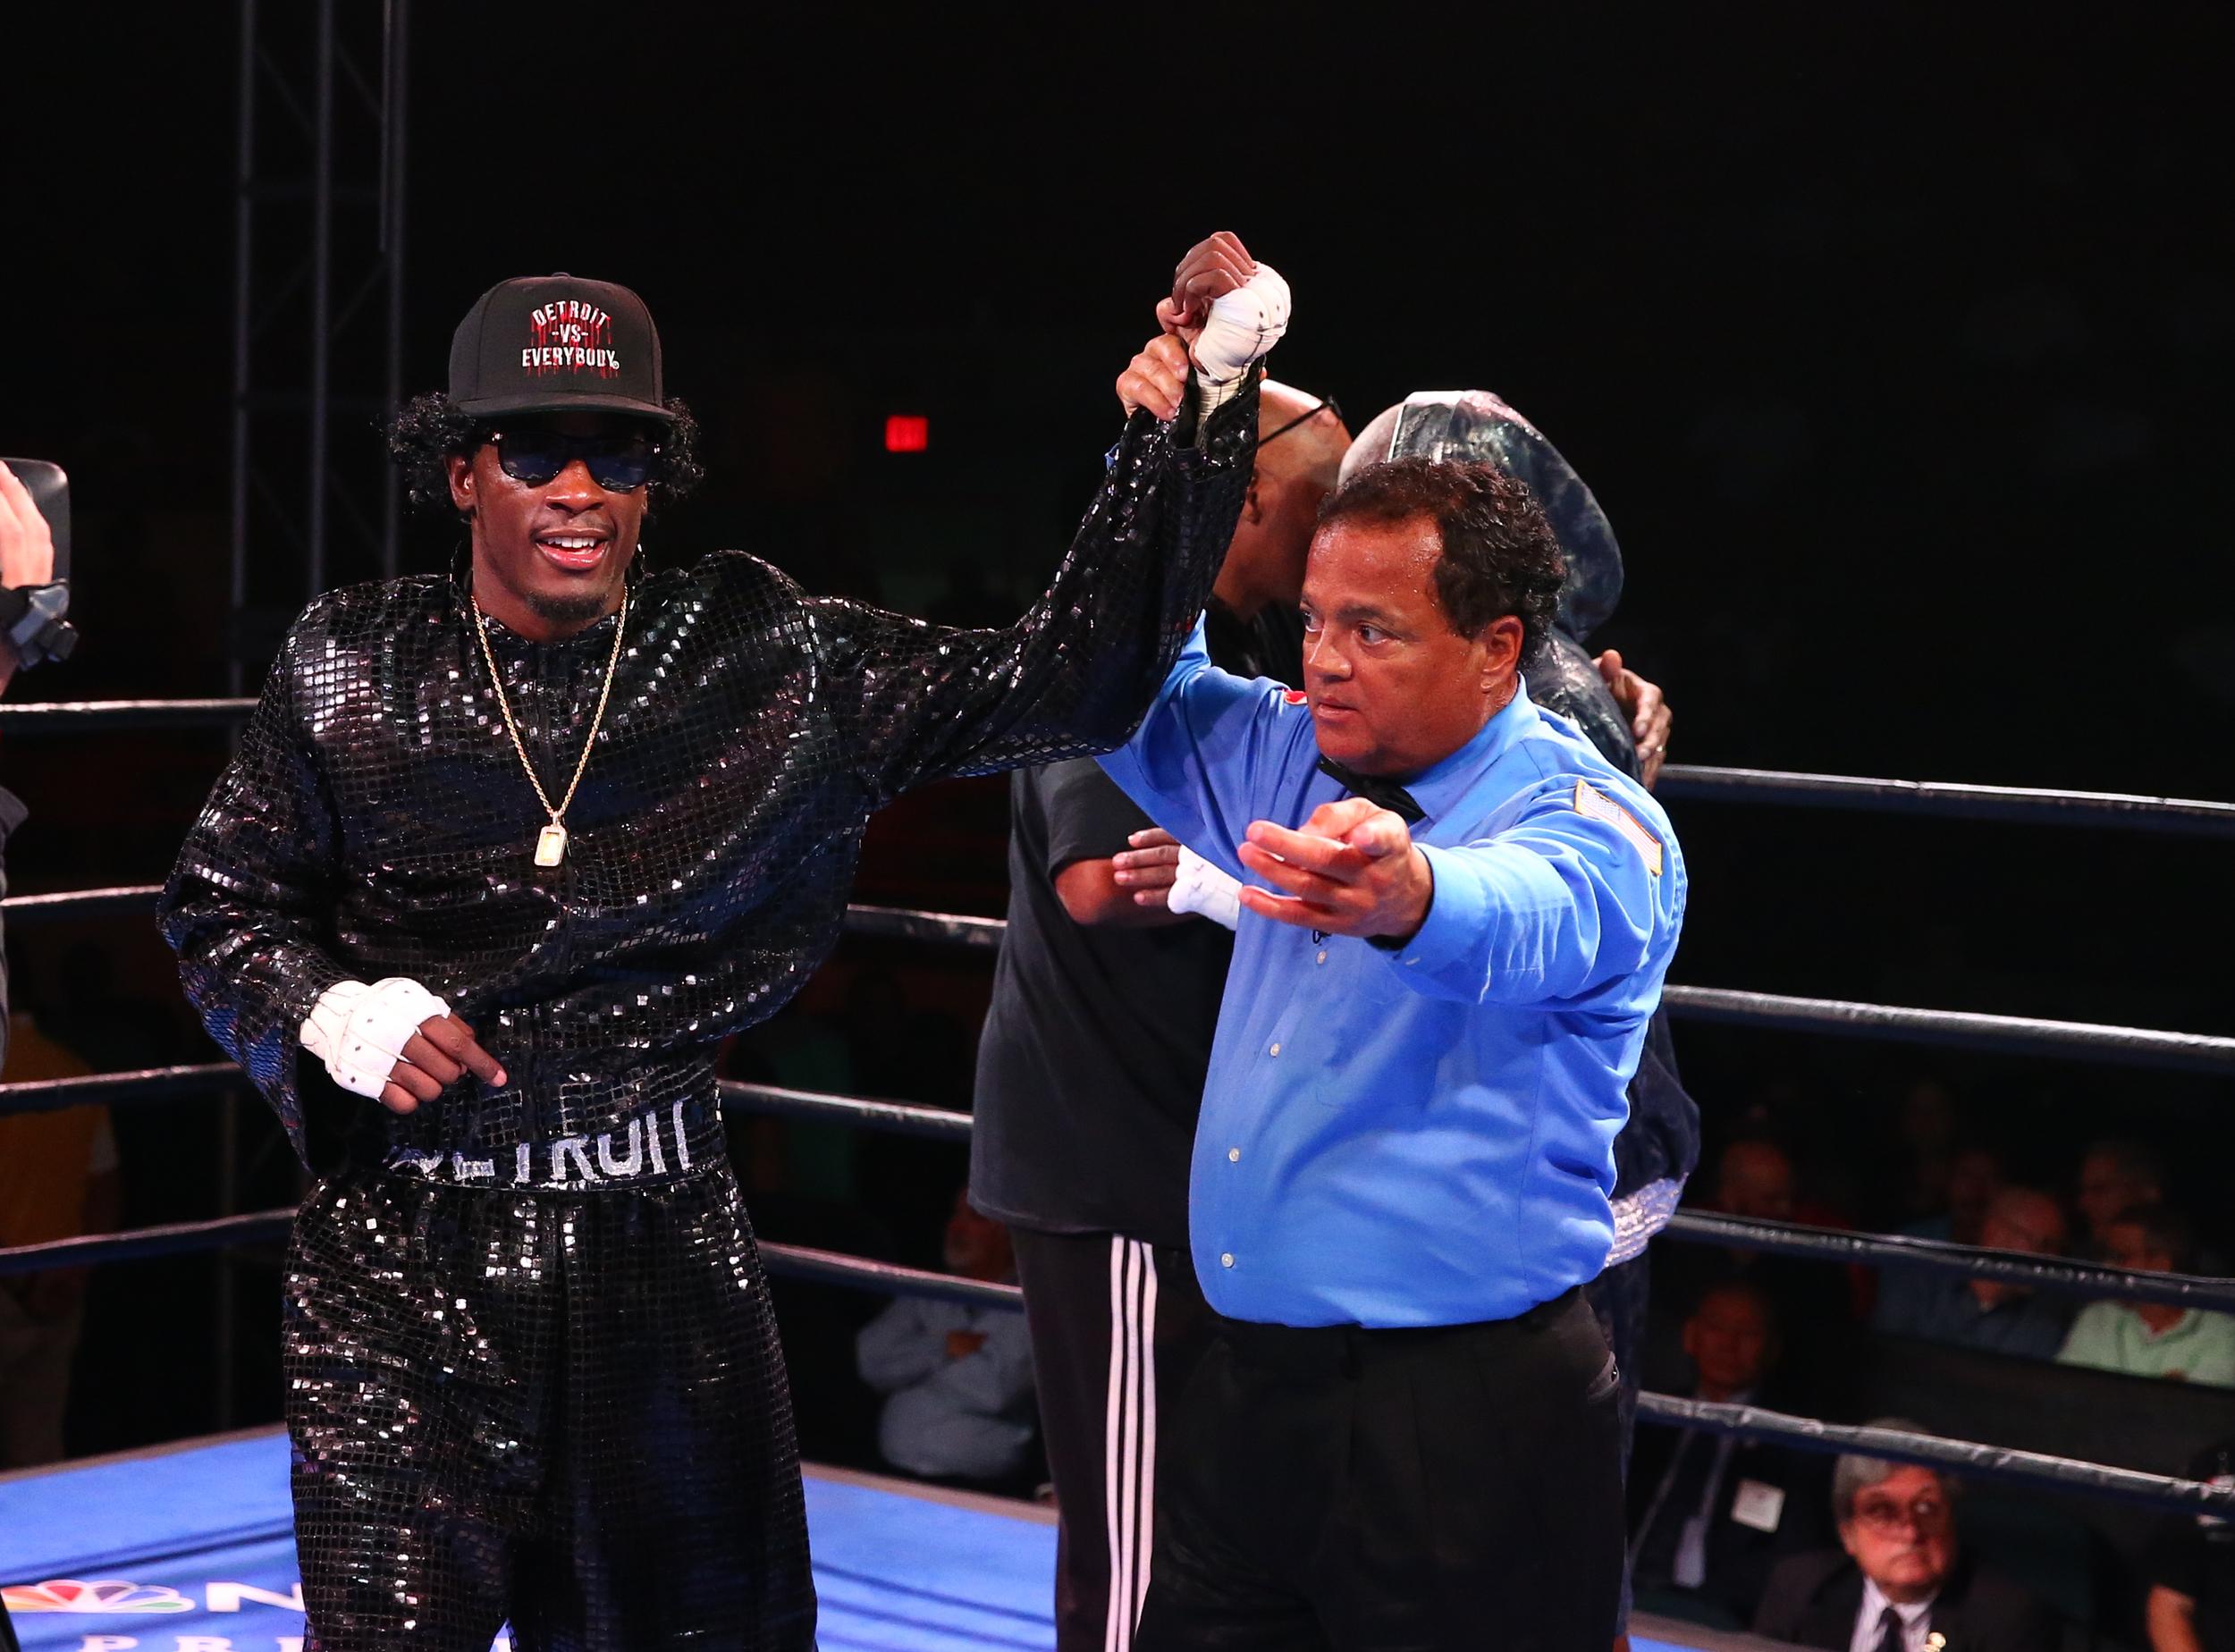 SASP- 20151031 - PBC Boxing - 2250 - 4337.JPG